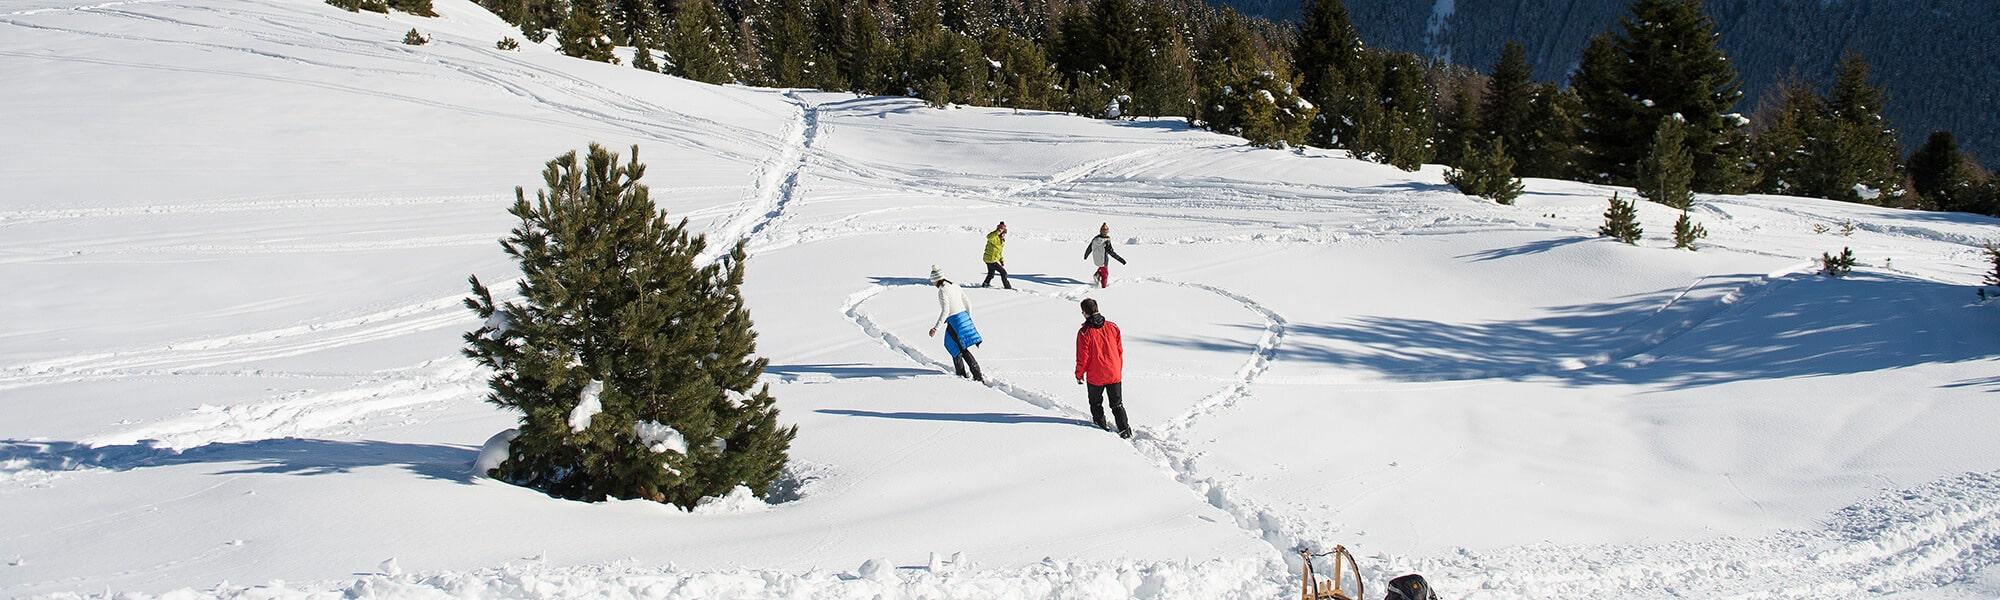 Schneelandschaft - wie romantisch